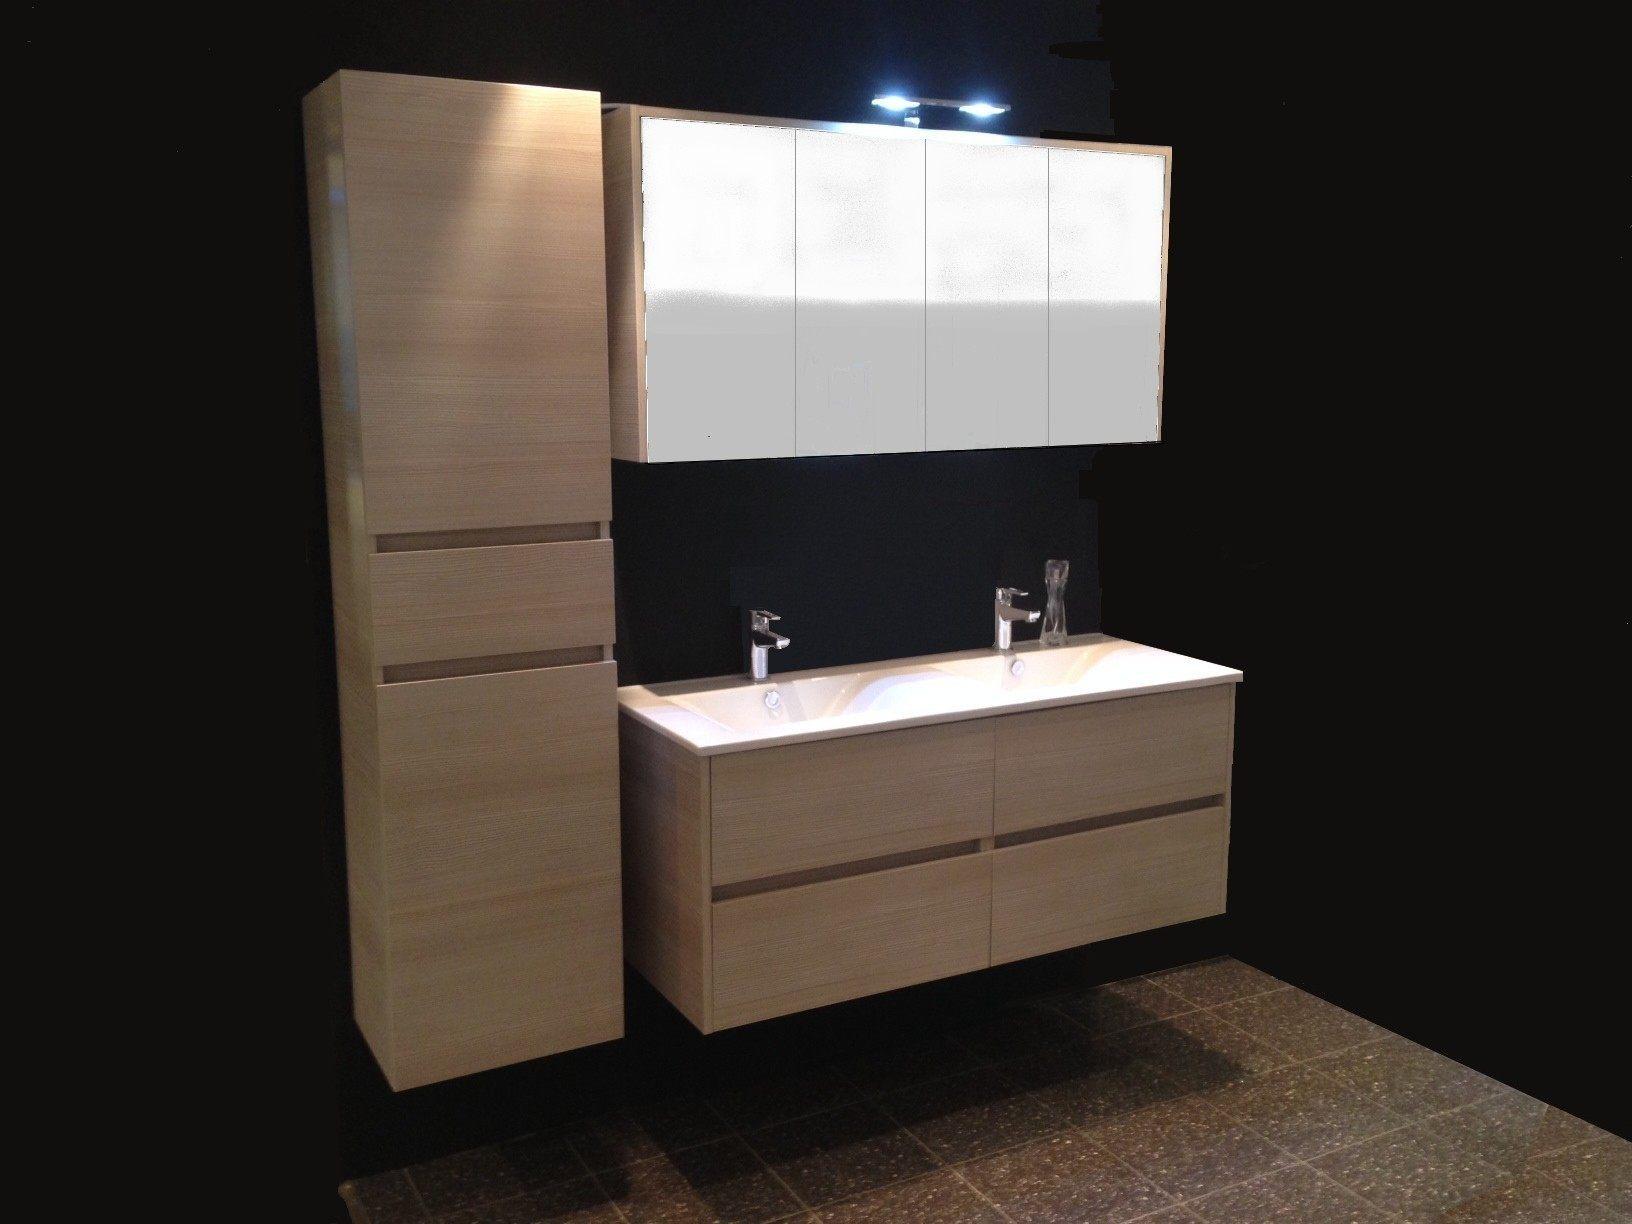 Ikea Salle De Bains Nouveau Collection Ikea Meuble Lavabo Luxe Rangement sous Evier Ikea Génial I Pinimg